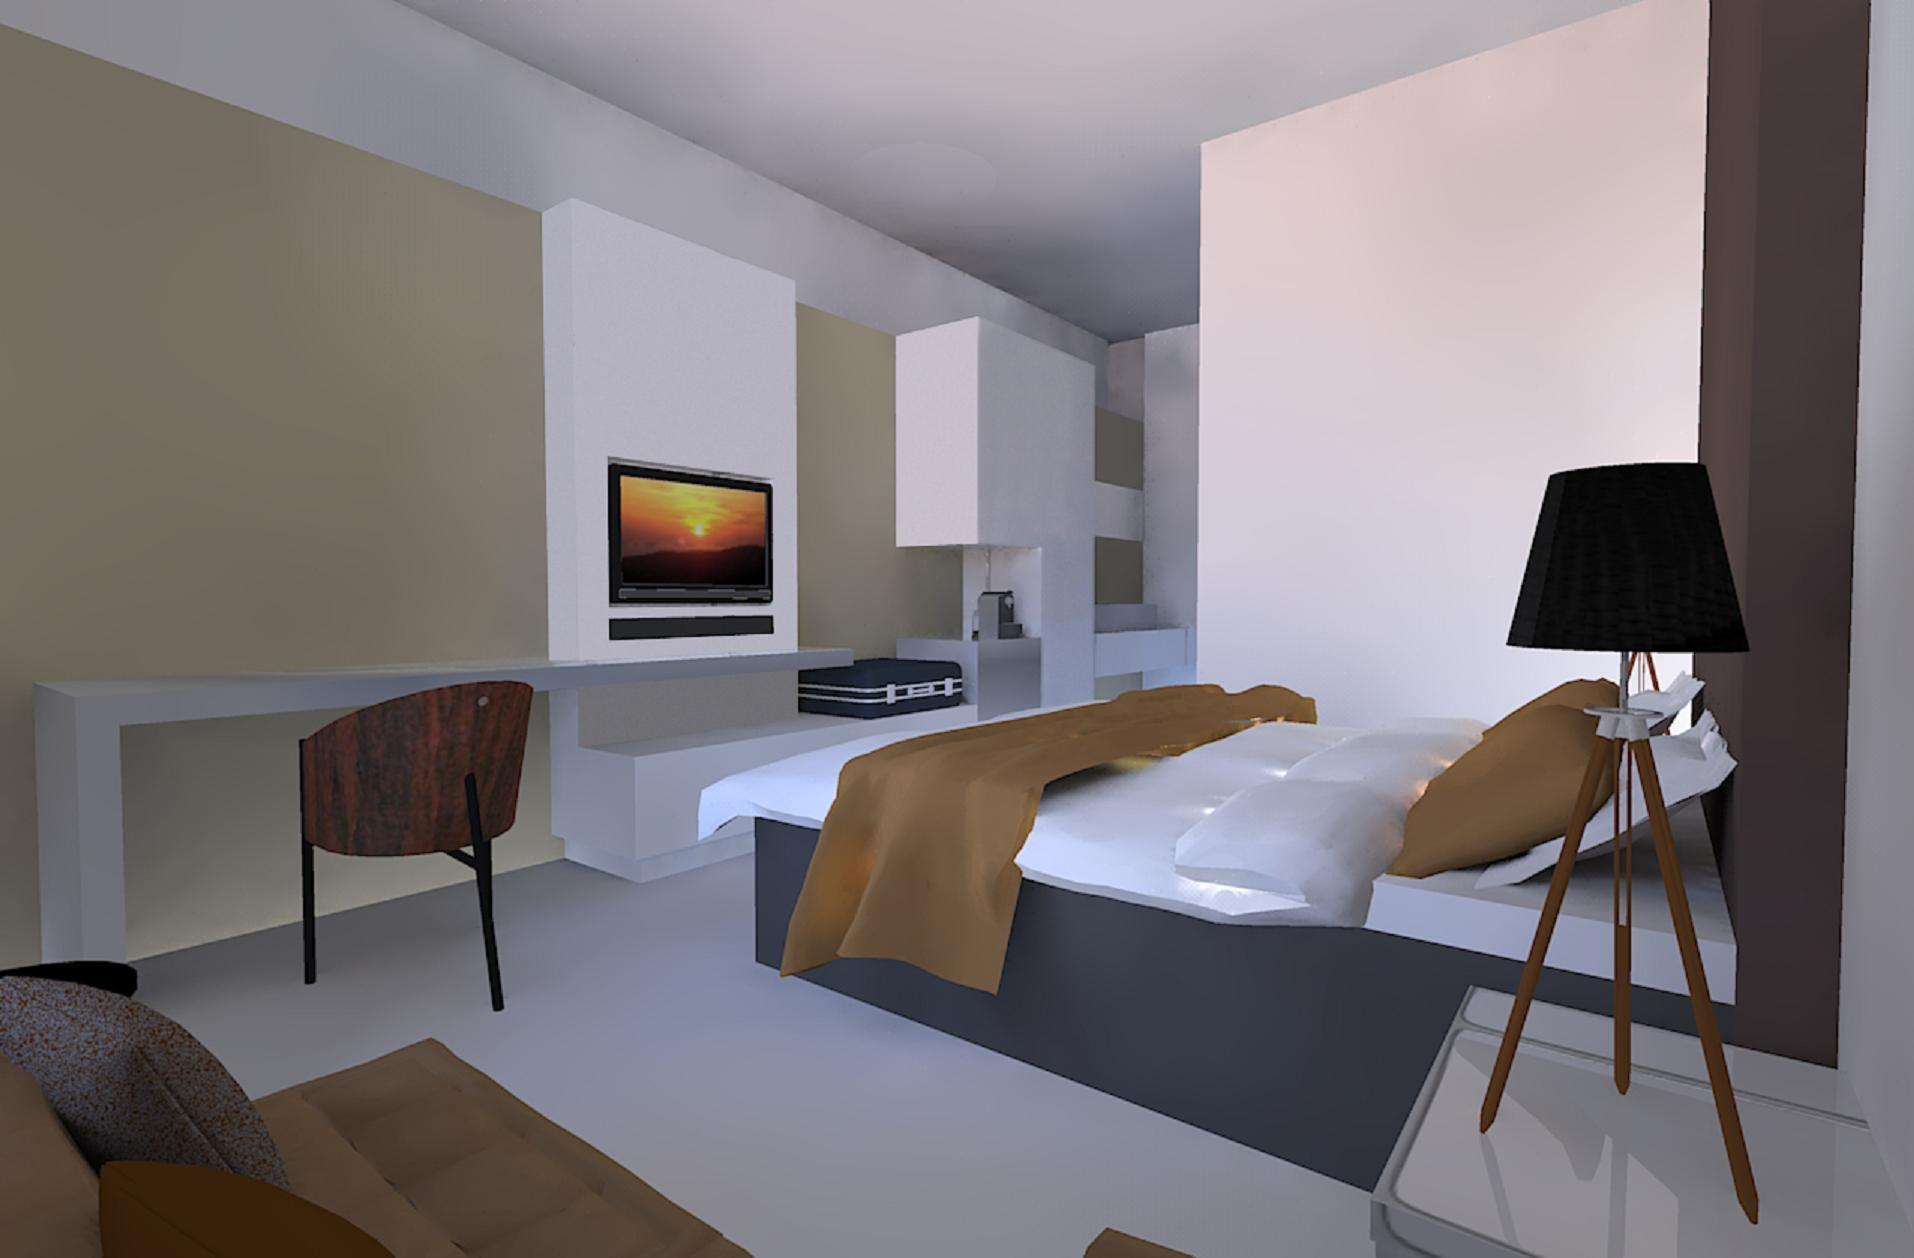 Nieuwe trendy designhotels in amsterdam trendy hotels for Trendiest hotels